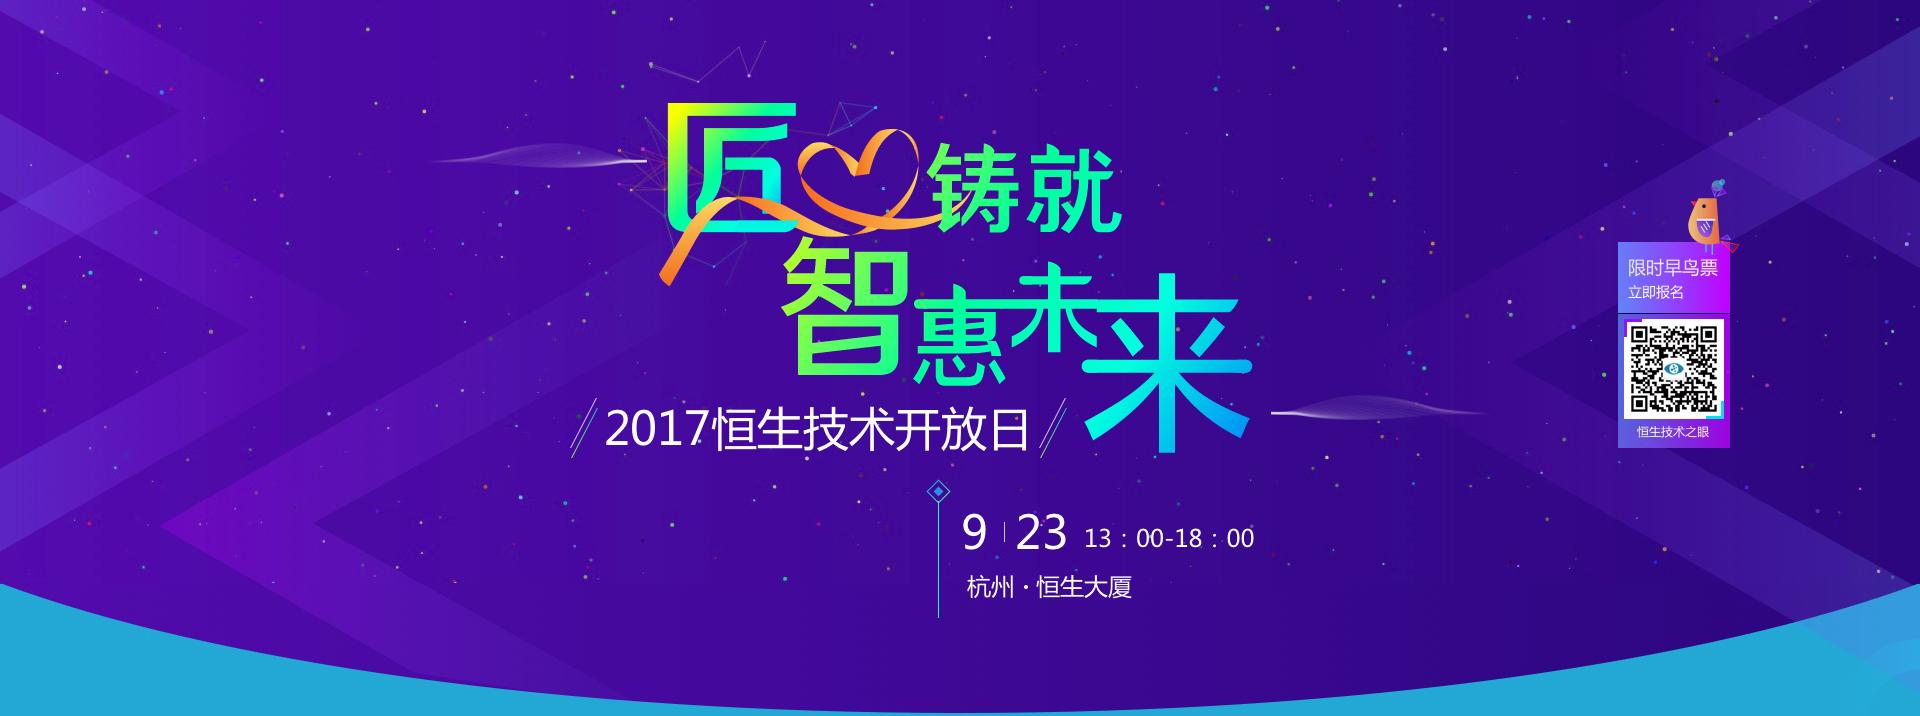 2017恒生技术开放日